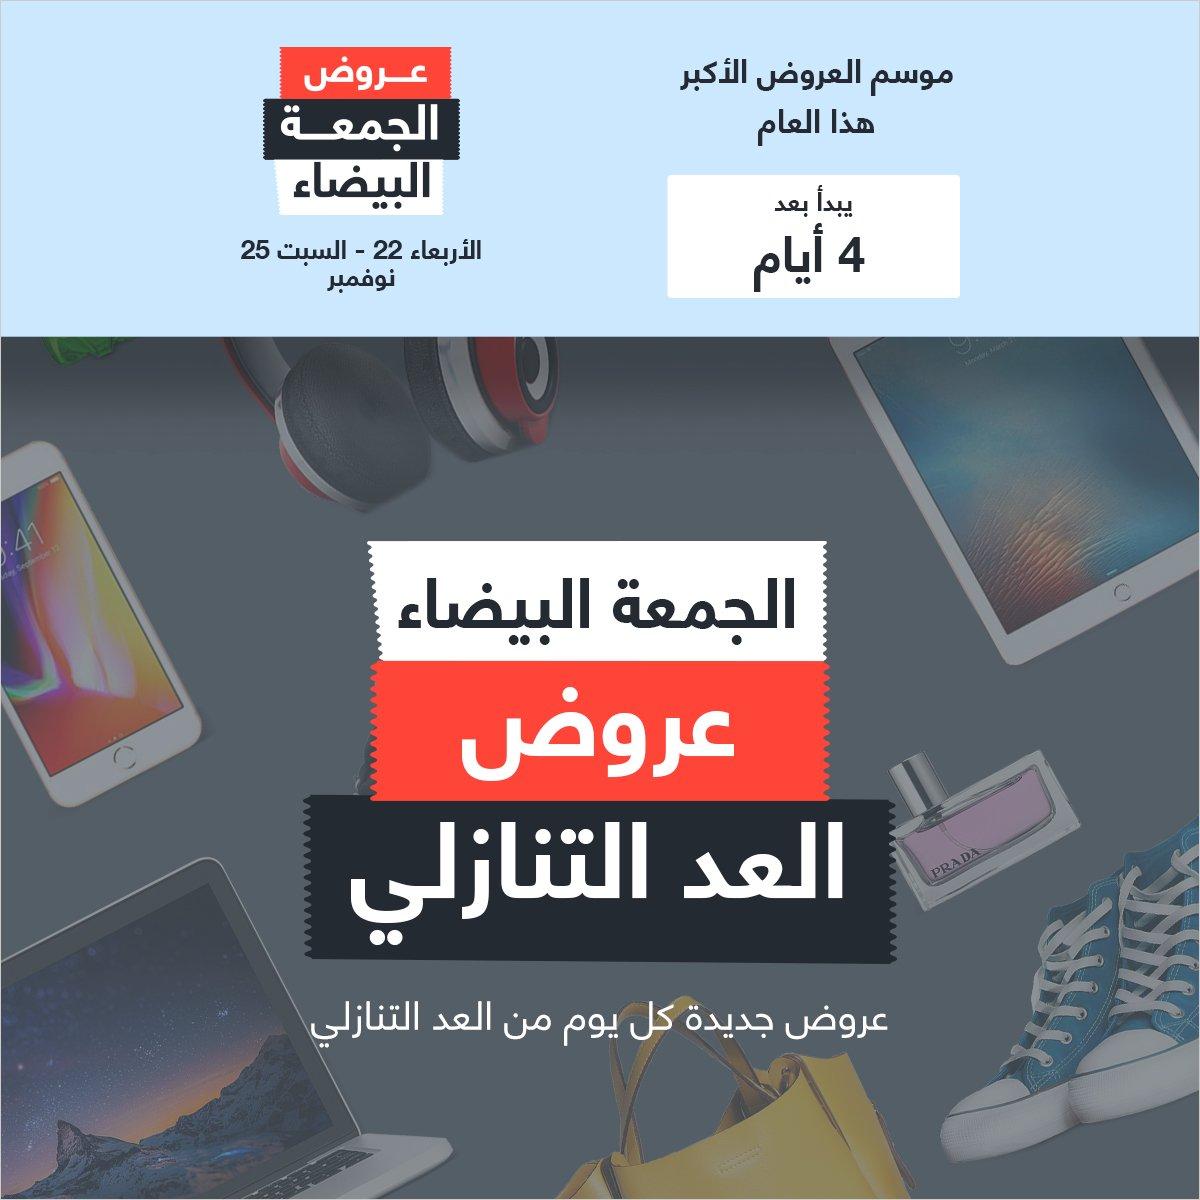 9549d7f6d Souq.com KSA on Twitter: